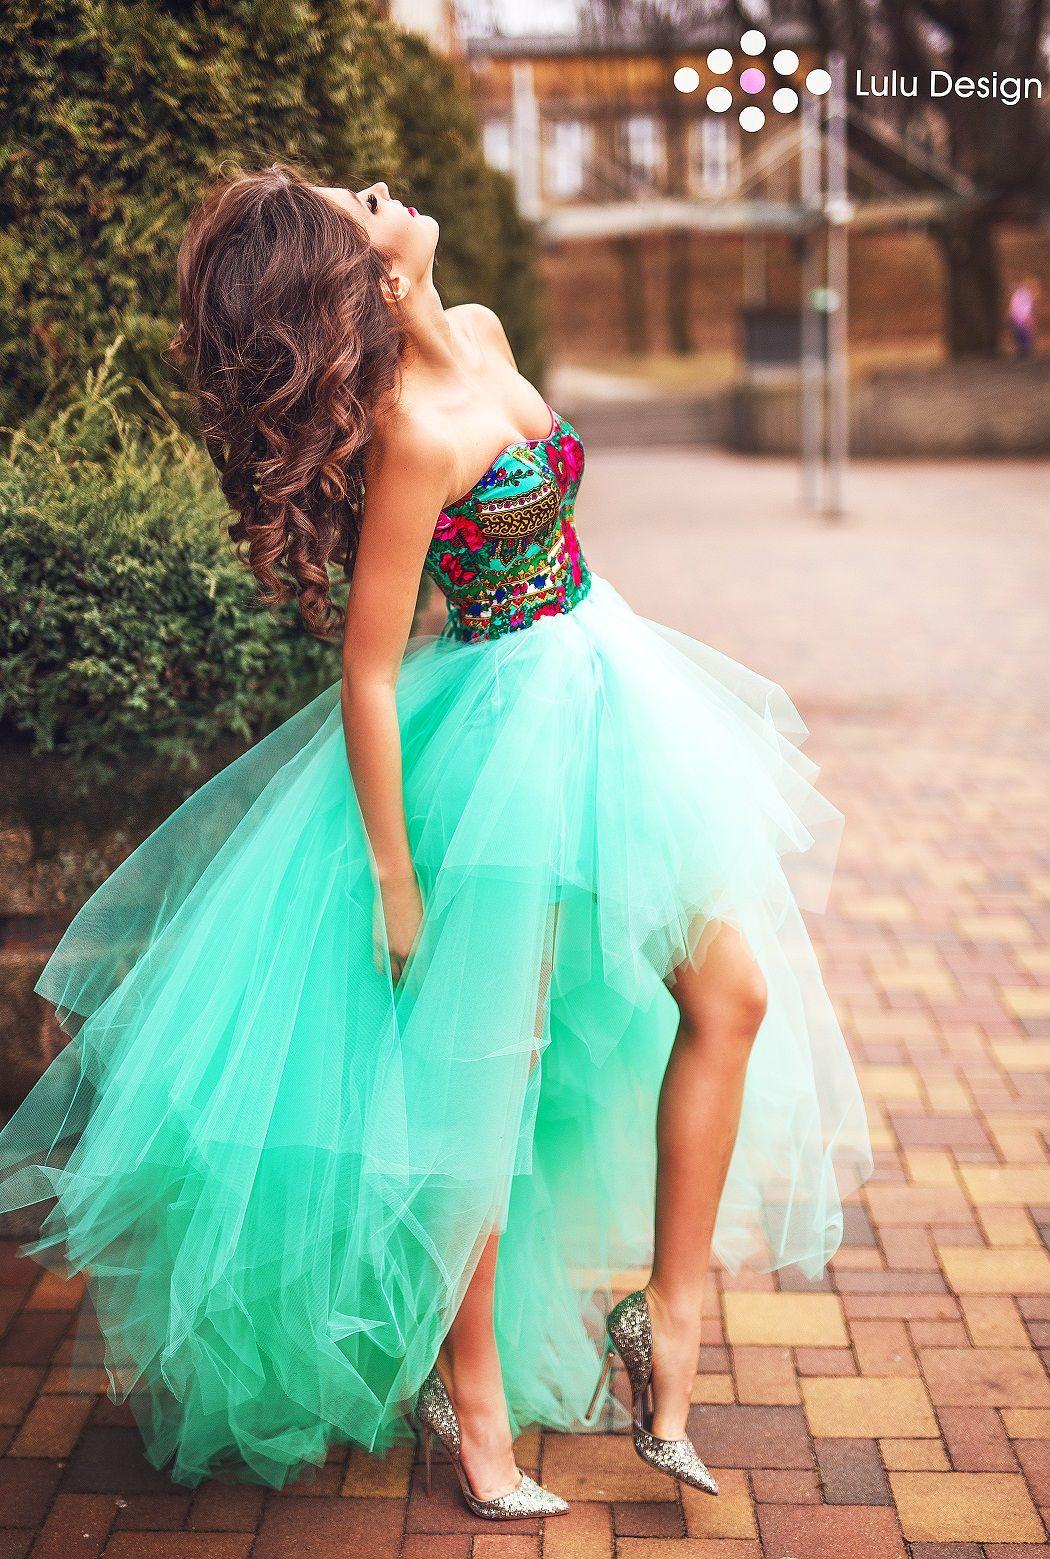 Asymetryczna Zjawiskowa Suknia Z Dlugim Puszystym Tylem Oraz Krotszym Przodem Sukienka Goralska Gorsetowa Marki Lulu Desi Elegant Girl Dresses Prom Dresses